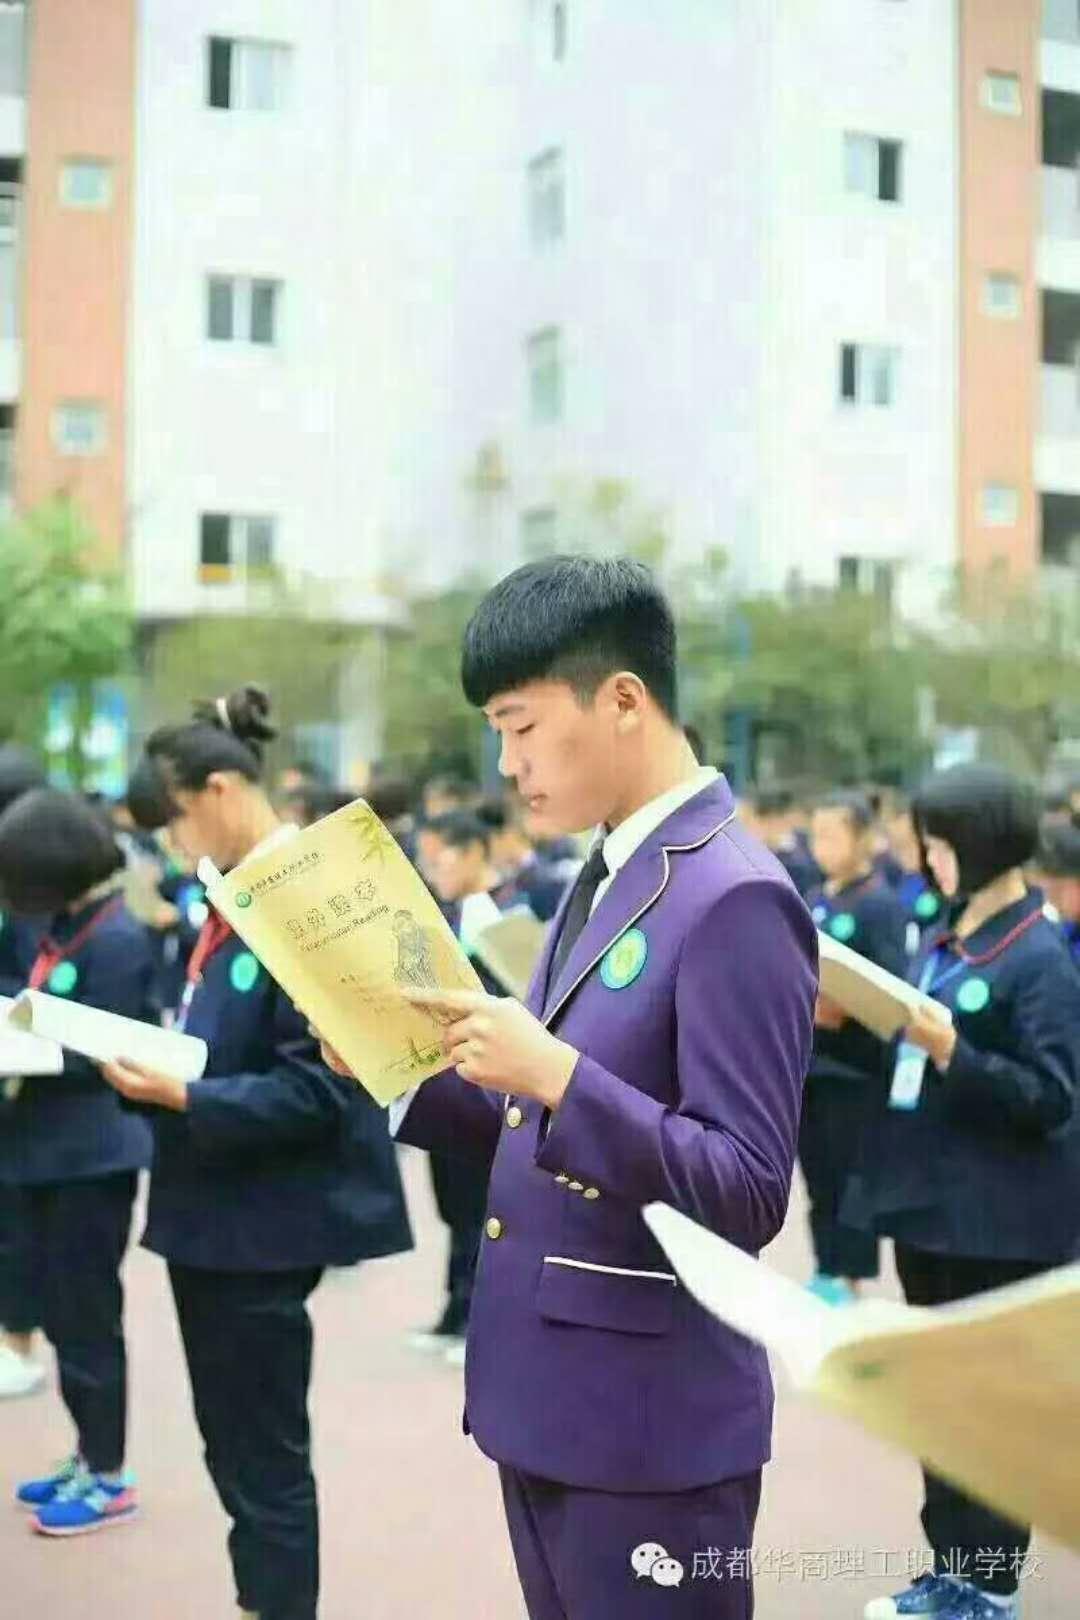 2018年四川学习航空专业管理最好校风最正的学校